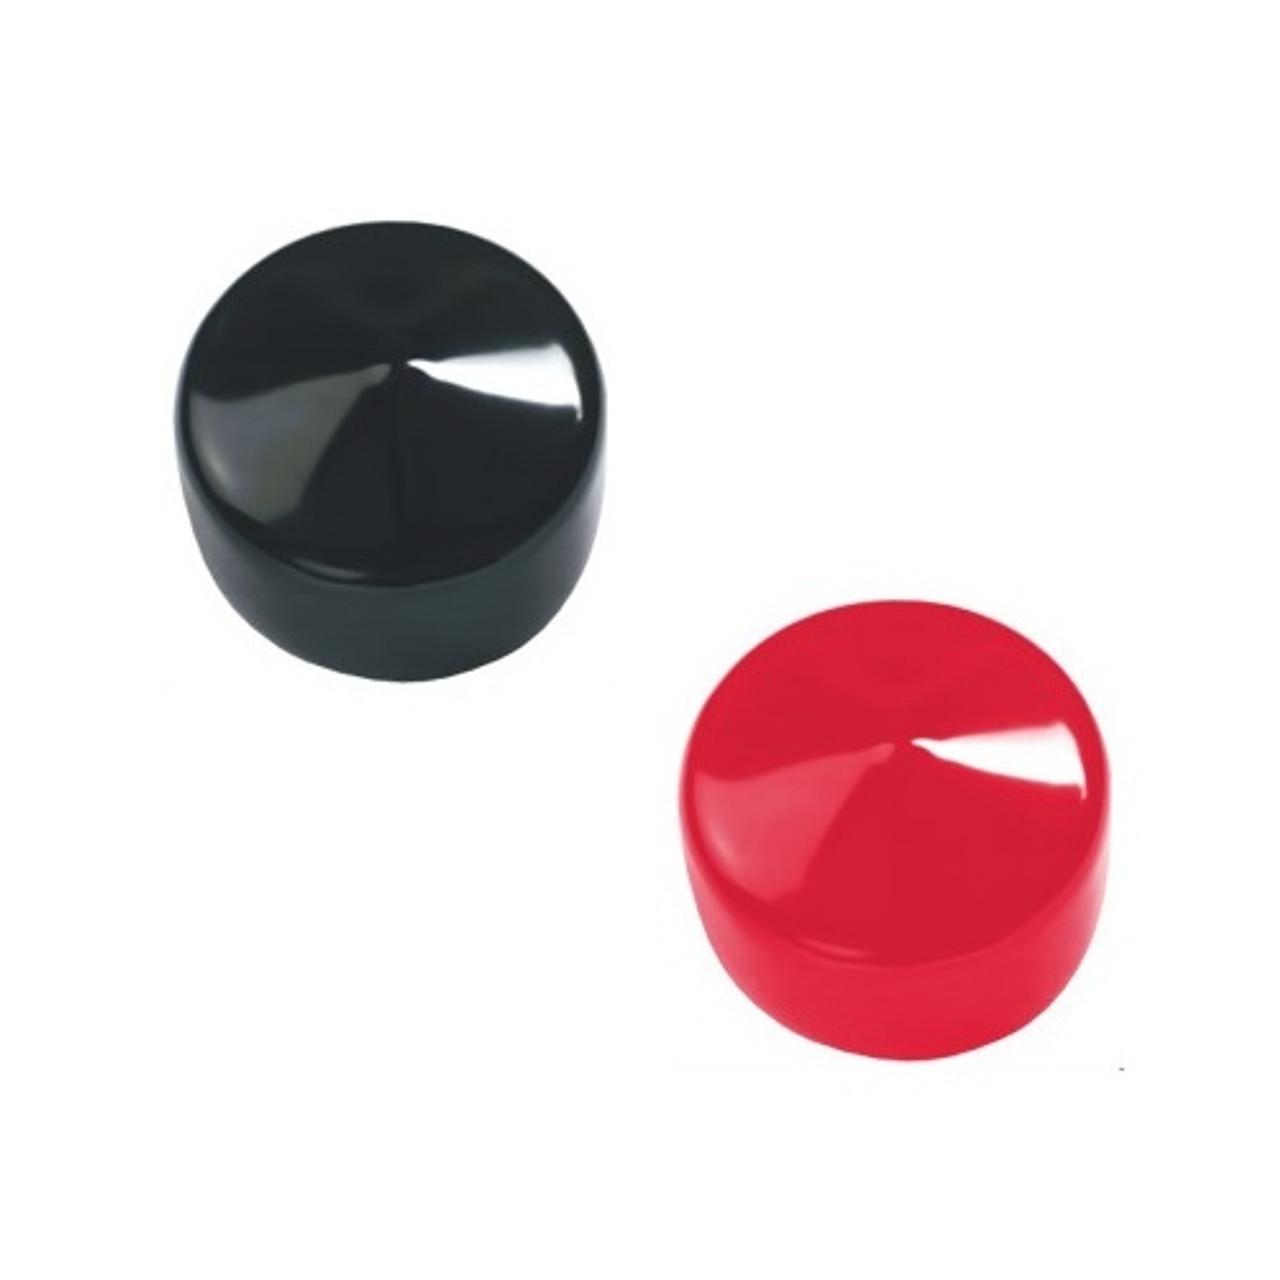 """2-1/4"""" x 1-1/2"""" Round Tuff Pak Cap in Red or Black"""